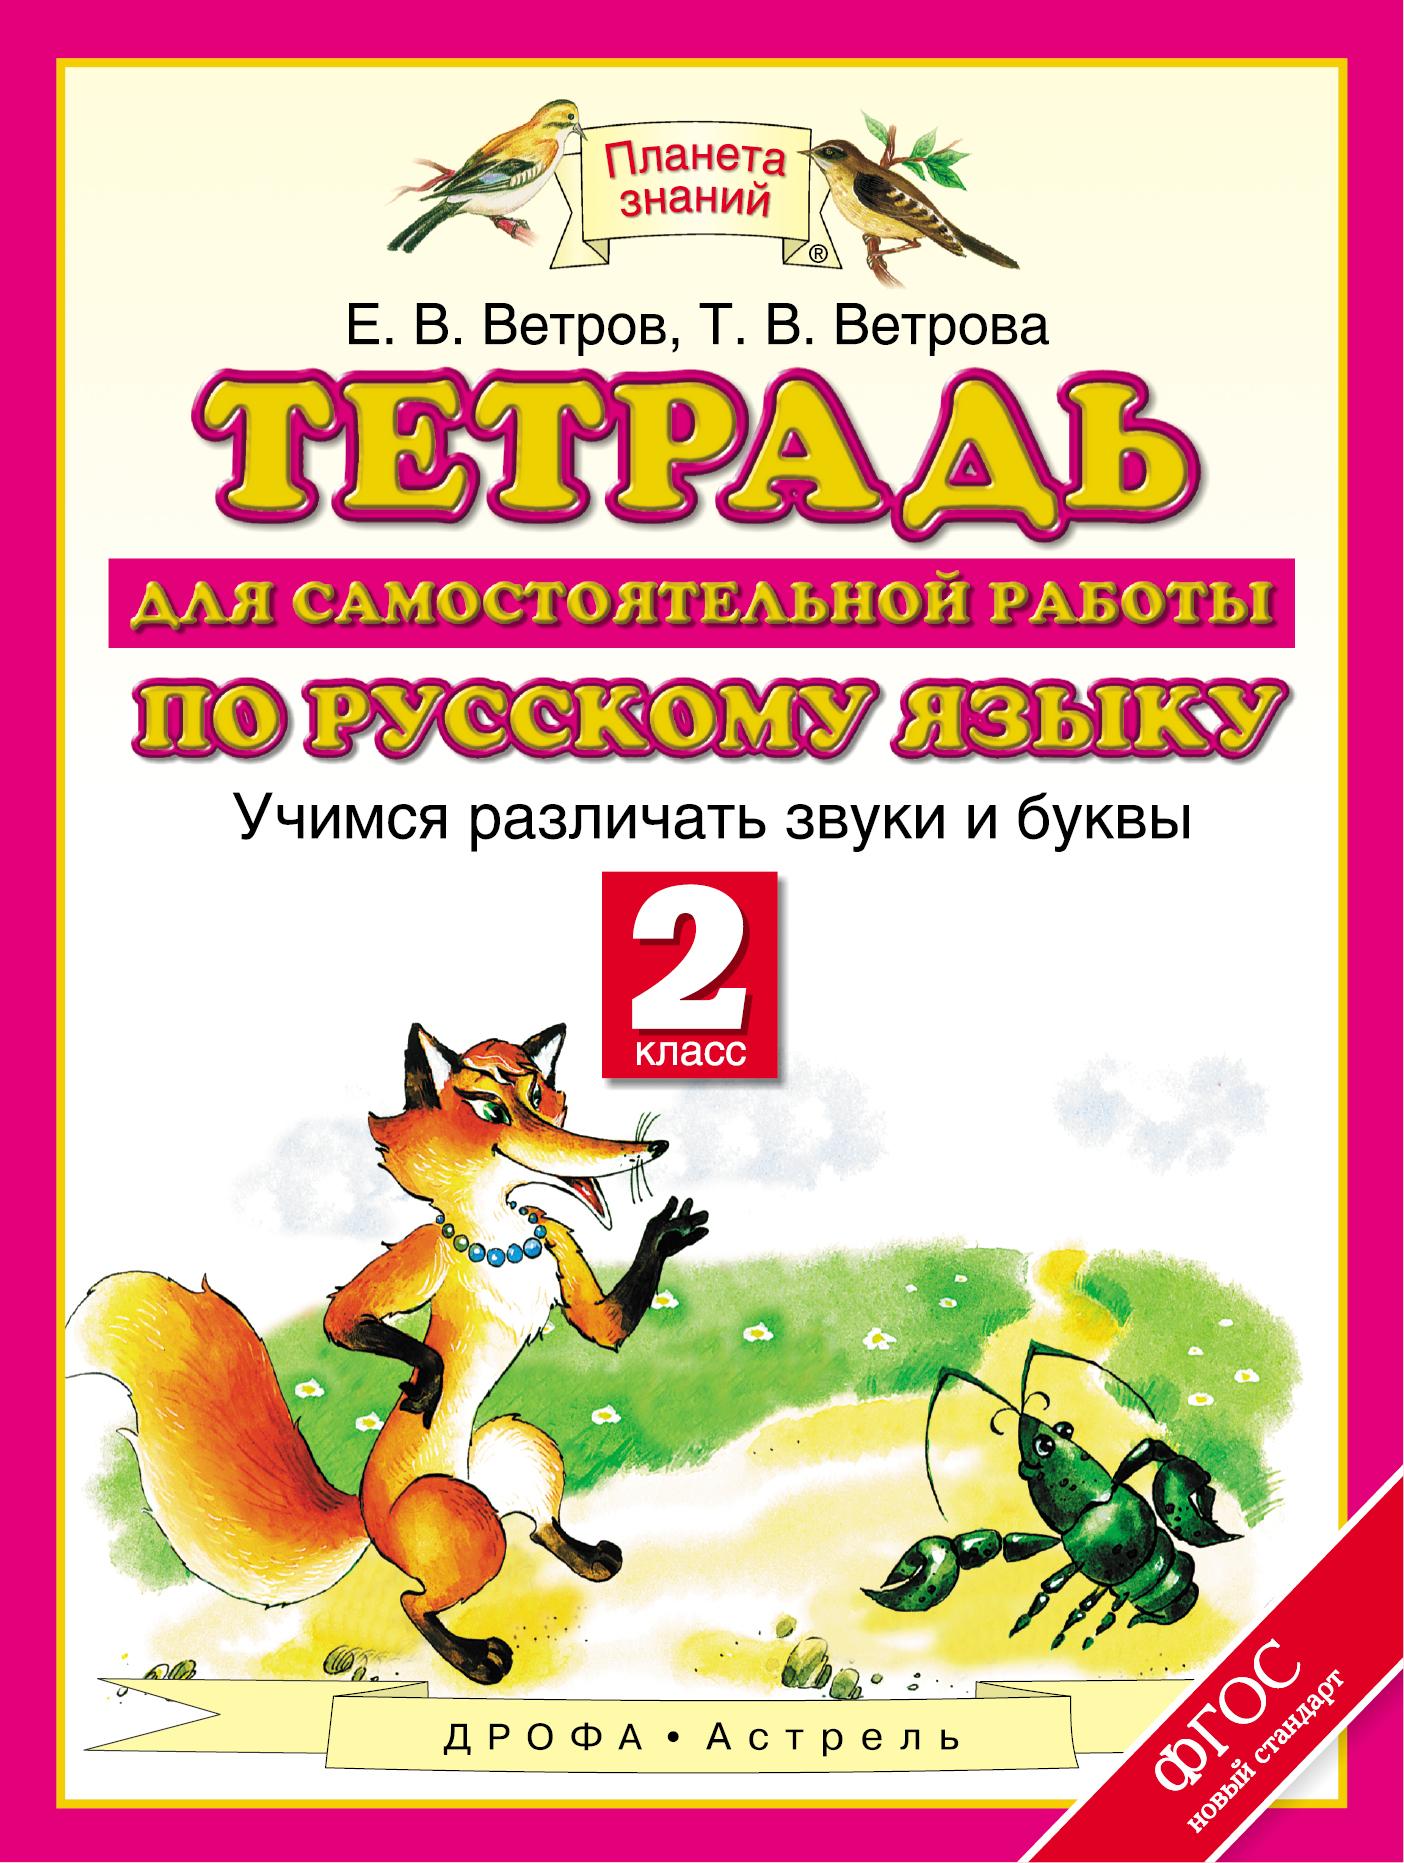 Русский язык. Учимся различать звуки и буквы. 2 класс. Тетрадь для самостоятельной работы по русскому языку